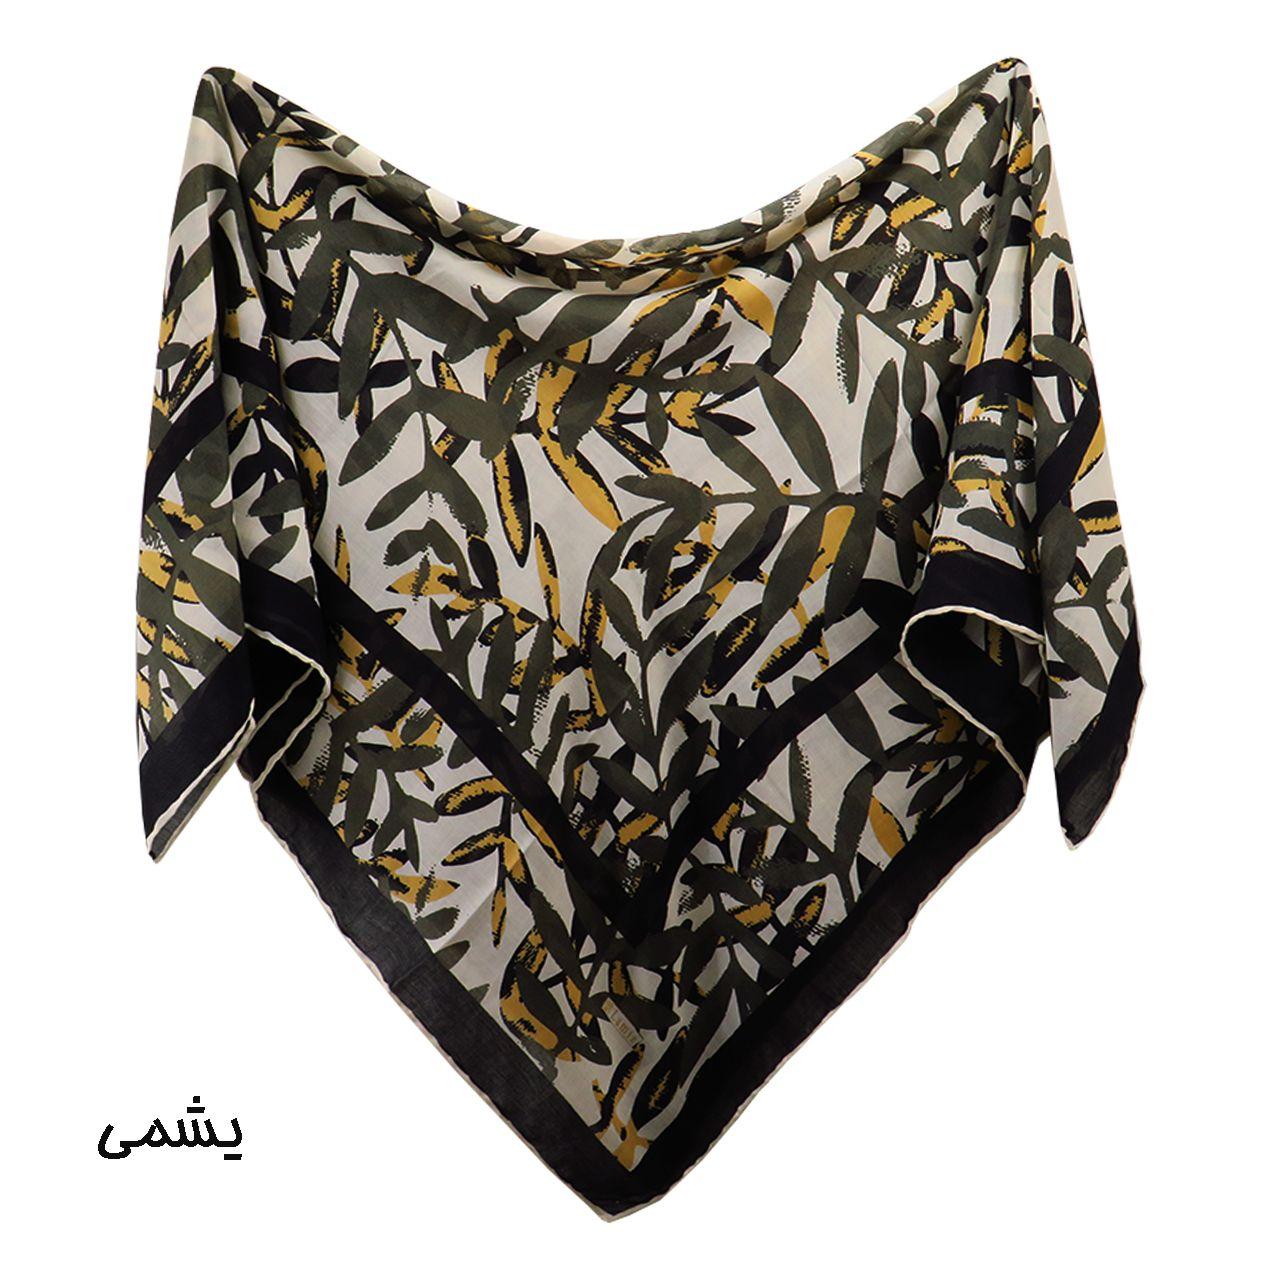 روسری زنانه لمیز مدل برگ  -  - 3